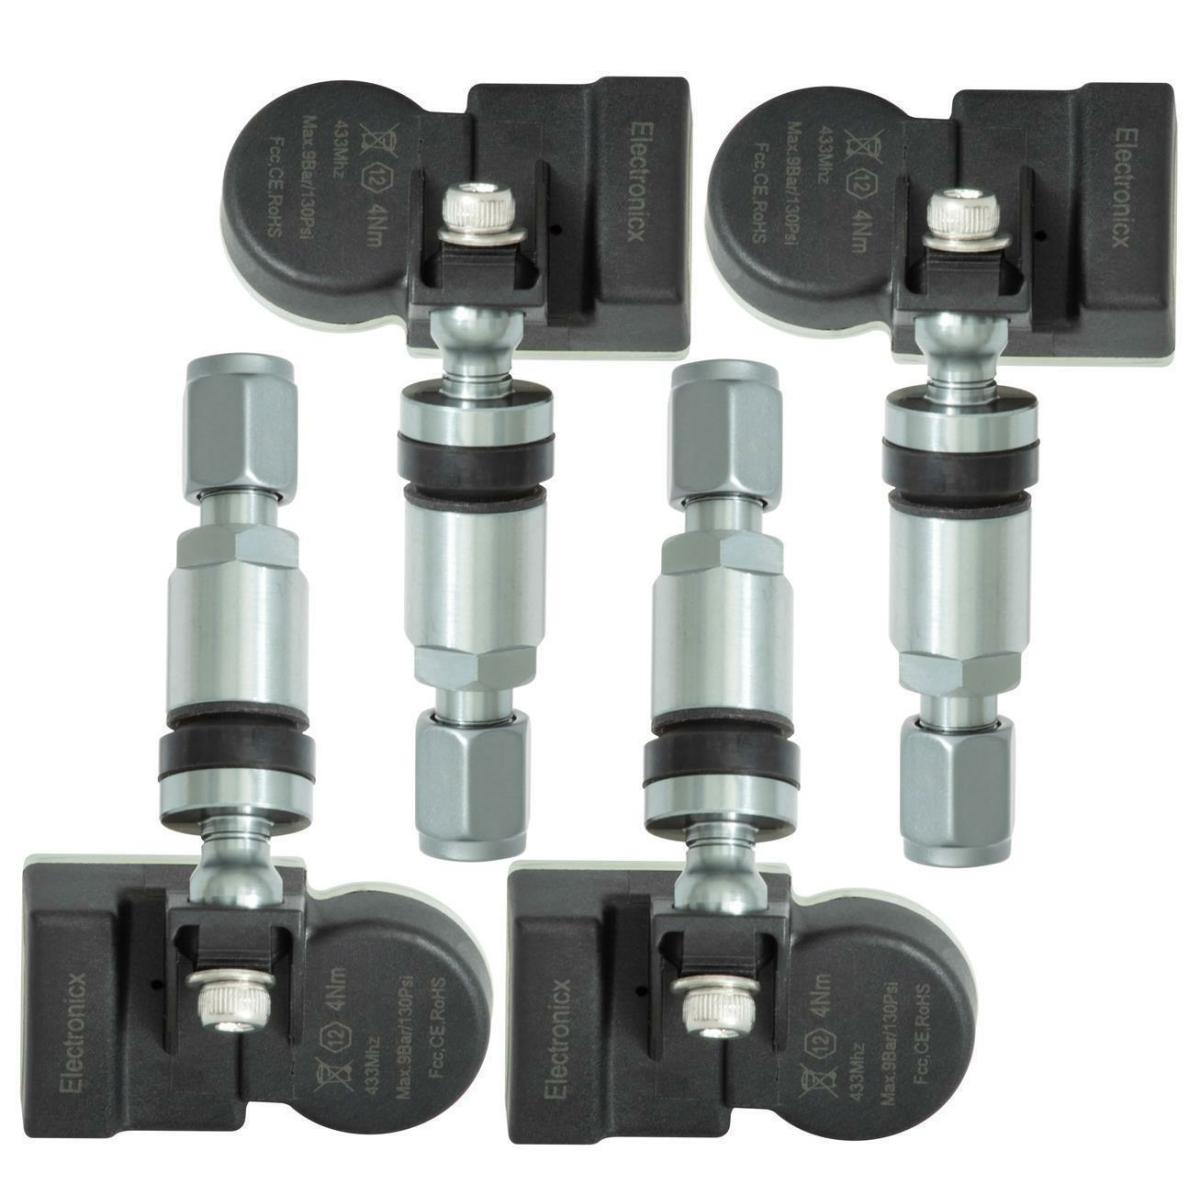 Reifendrucksensoren RDKS Sensoren Metallventil Gunmetal für Buick Excelle 18T Excelle GX